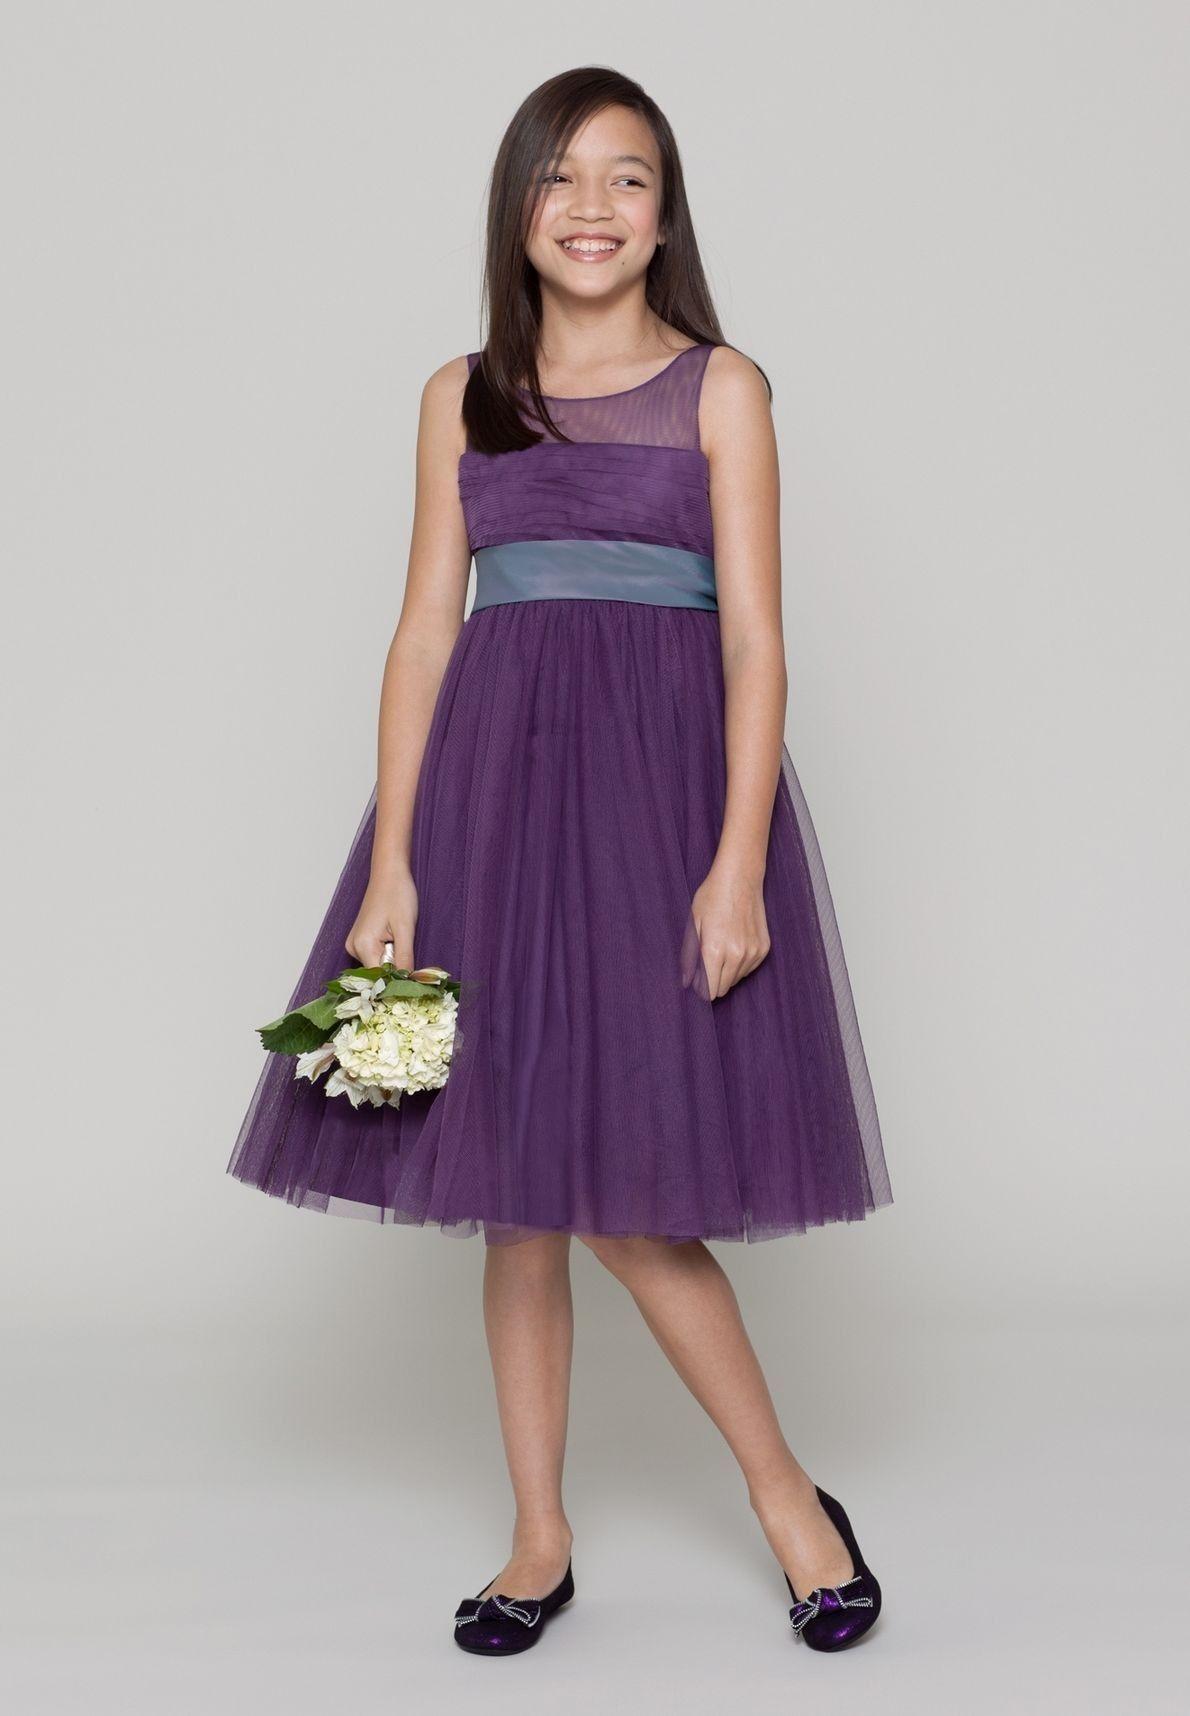 Organza Jewel A-Line Short Junior Bridesmaid Dress - Bridesmaid with ...